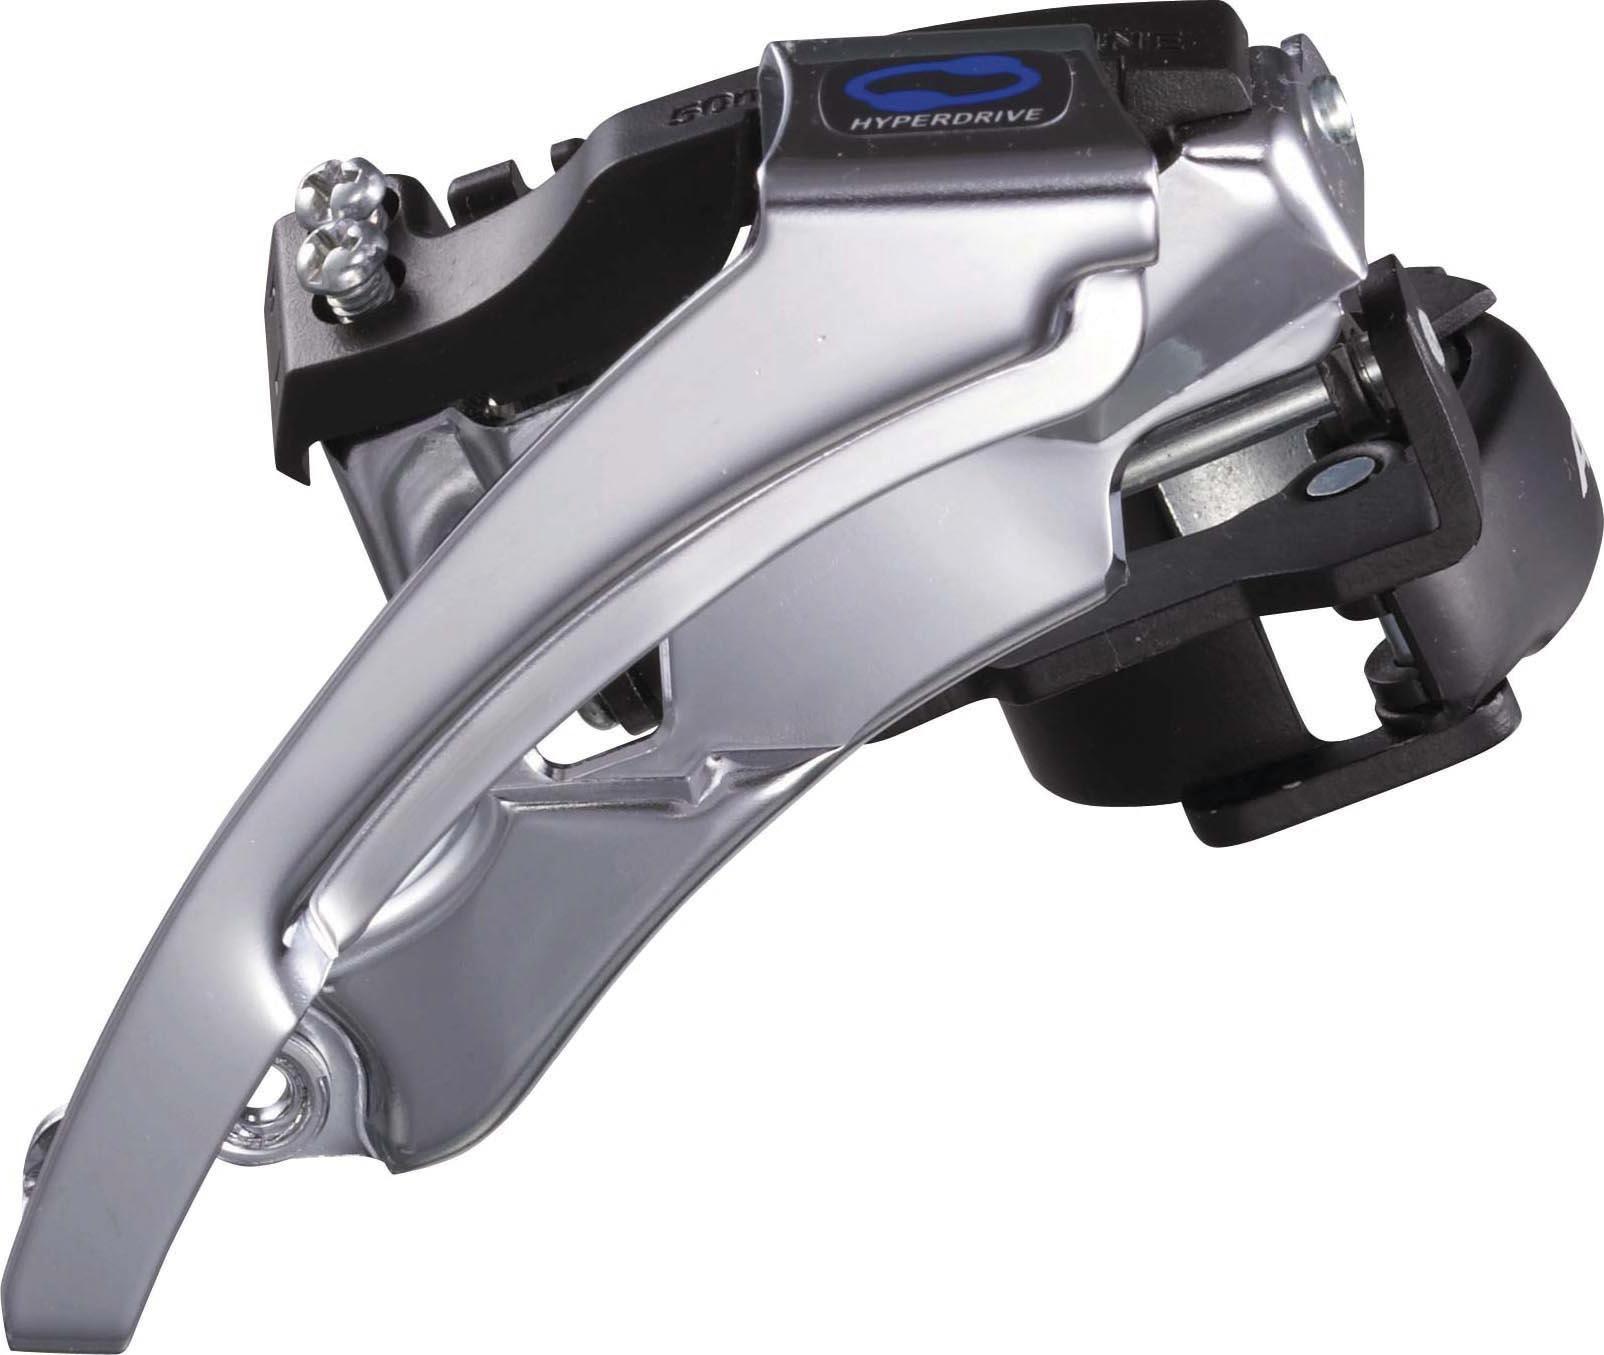 SHIMANO přesmykač ALTUS FD-M310 MTB pro 3x8/7 obj. 34,9/31,8 + 28,6 Top-swing dual pull 42/48 z